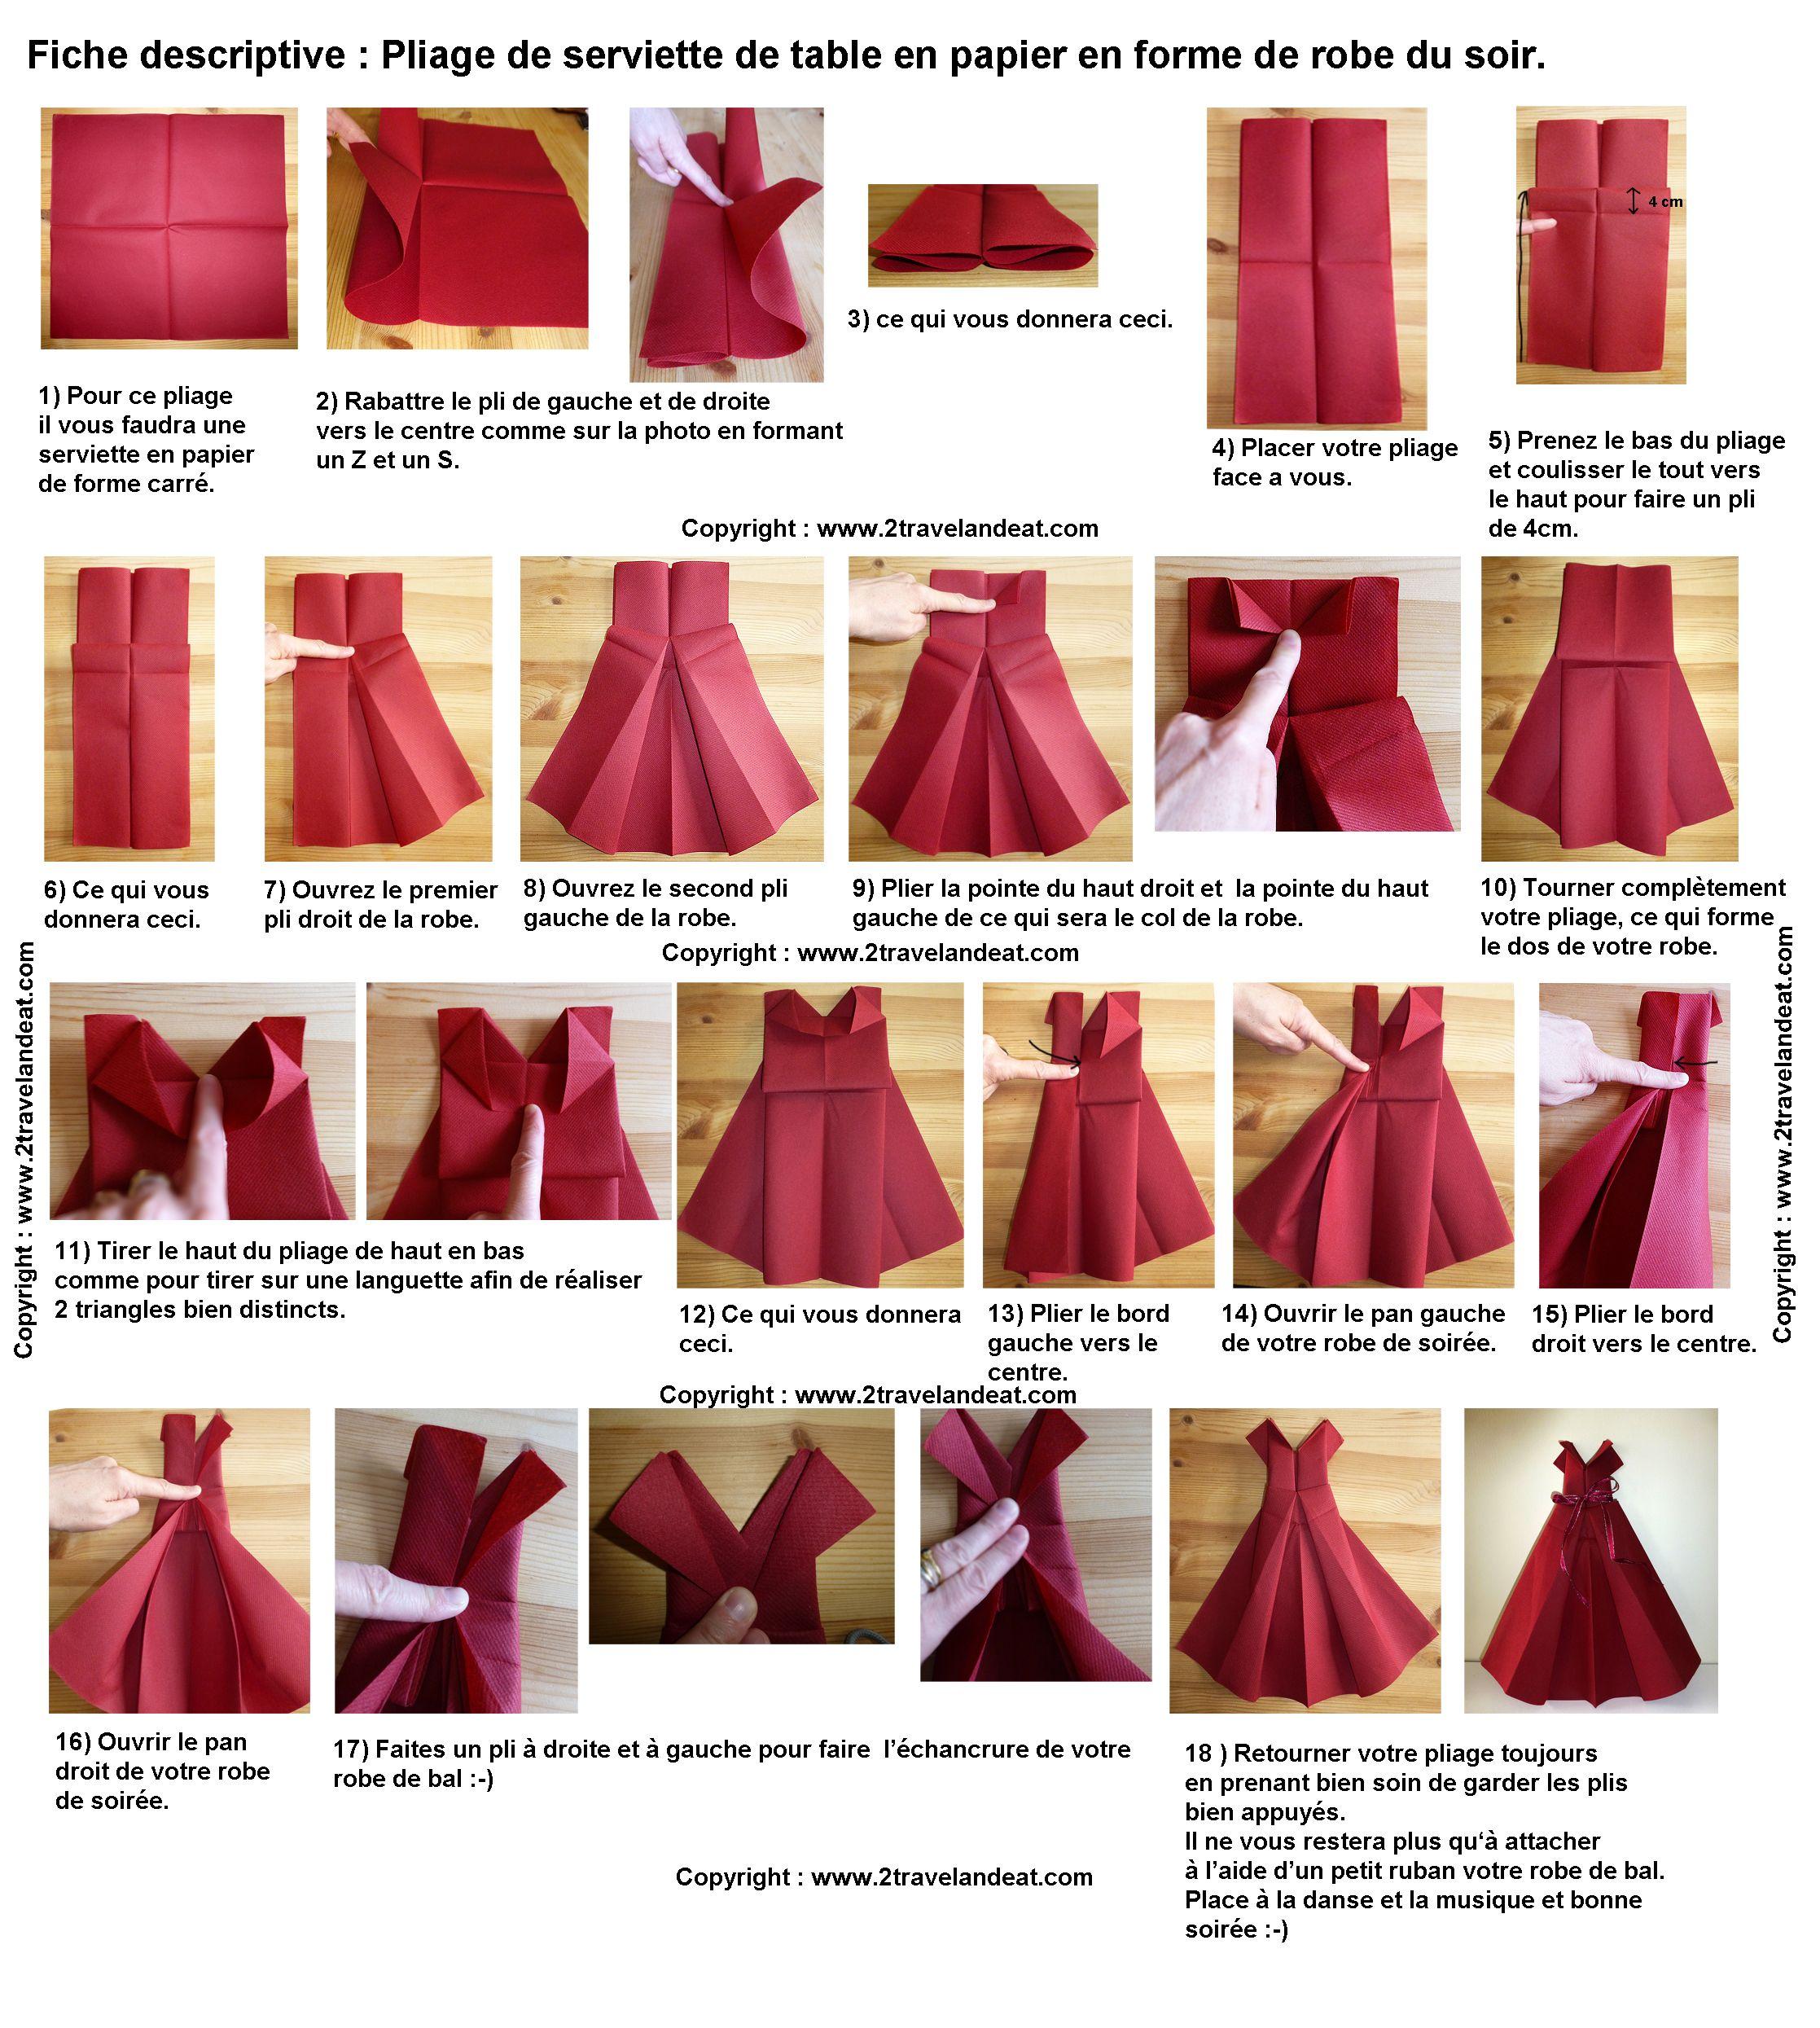 Folding Paper Towel In The Shape Of Evening Dress Folding A Paper Napkin Make A Paper Dress To Cele Pliage Serviette Papier Pliage Serviette Serviette Papier